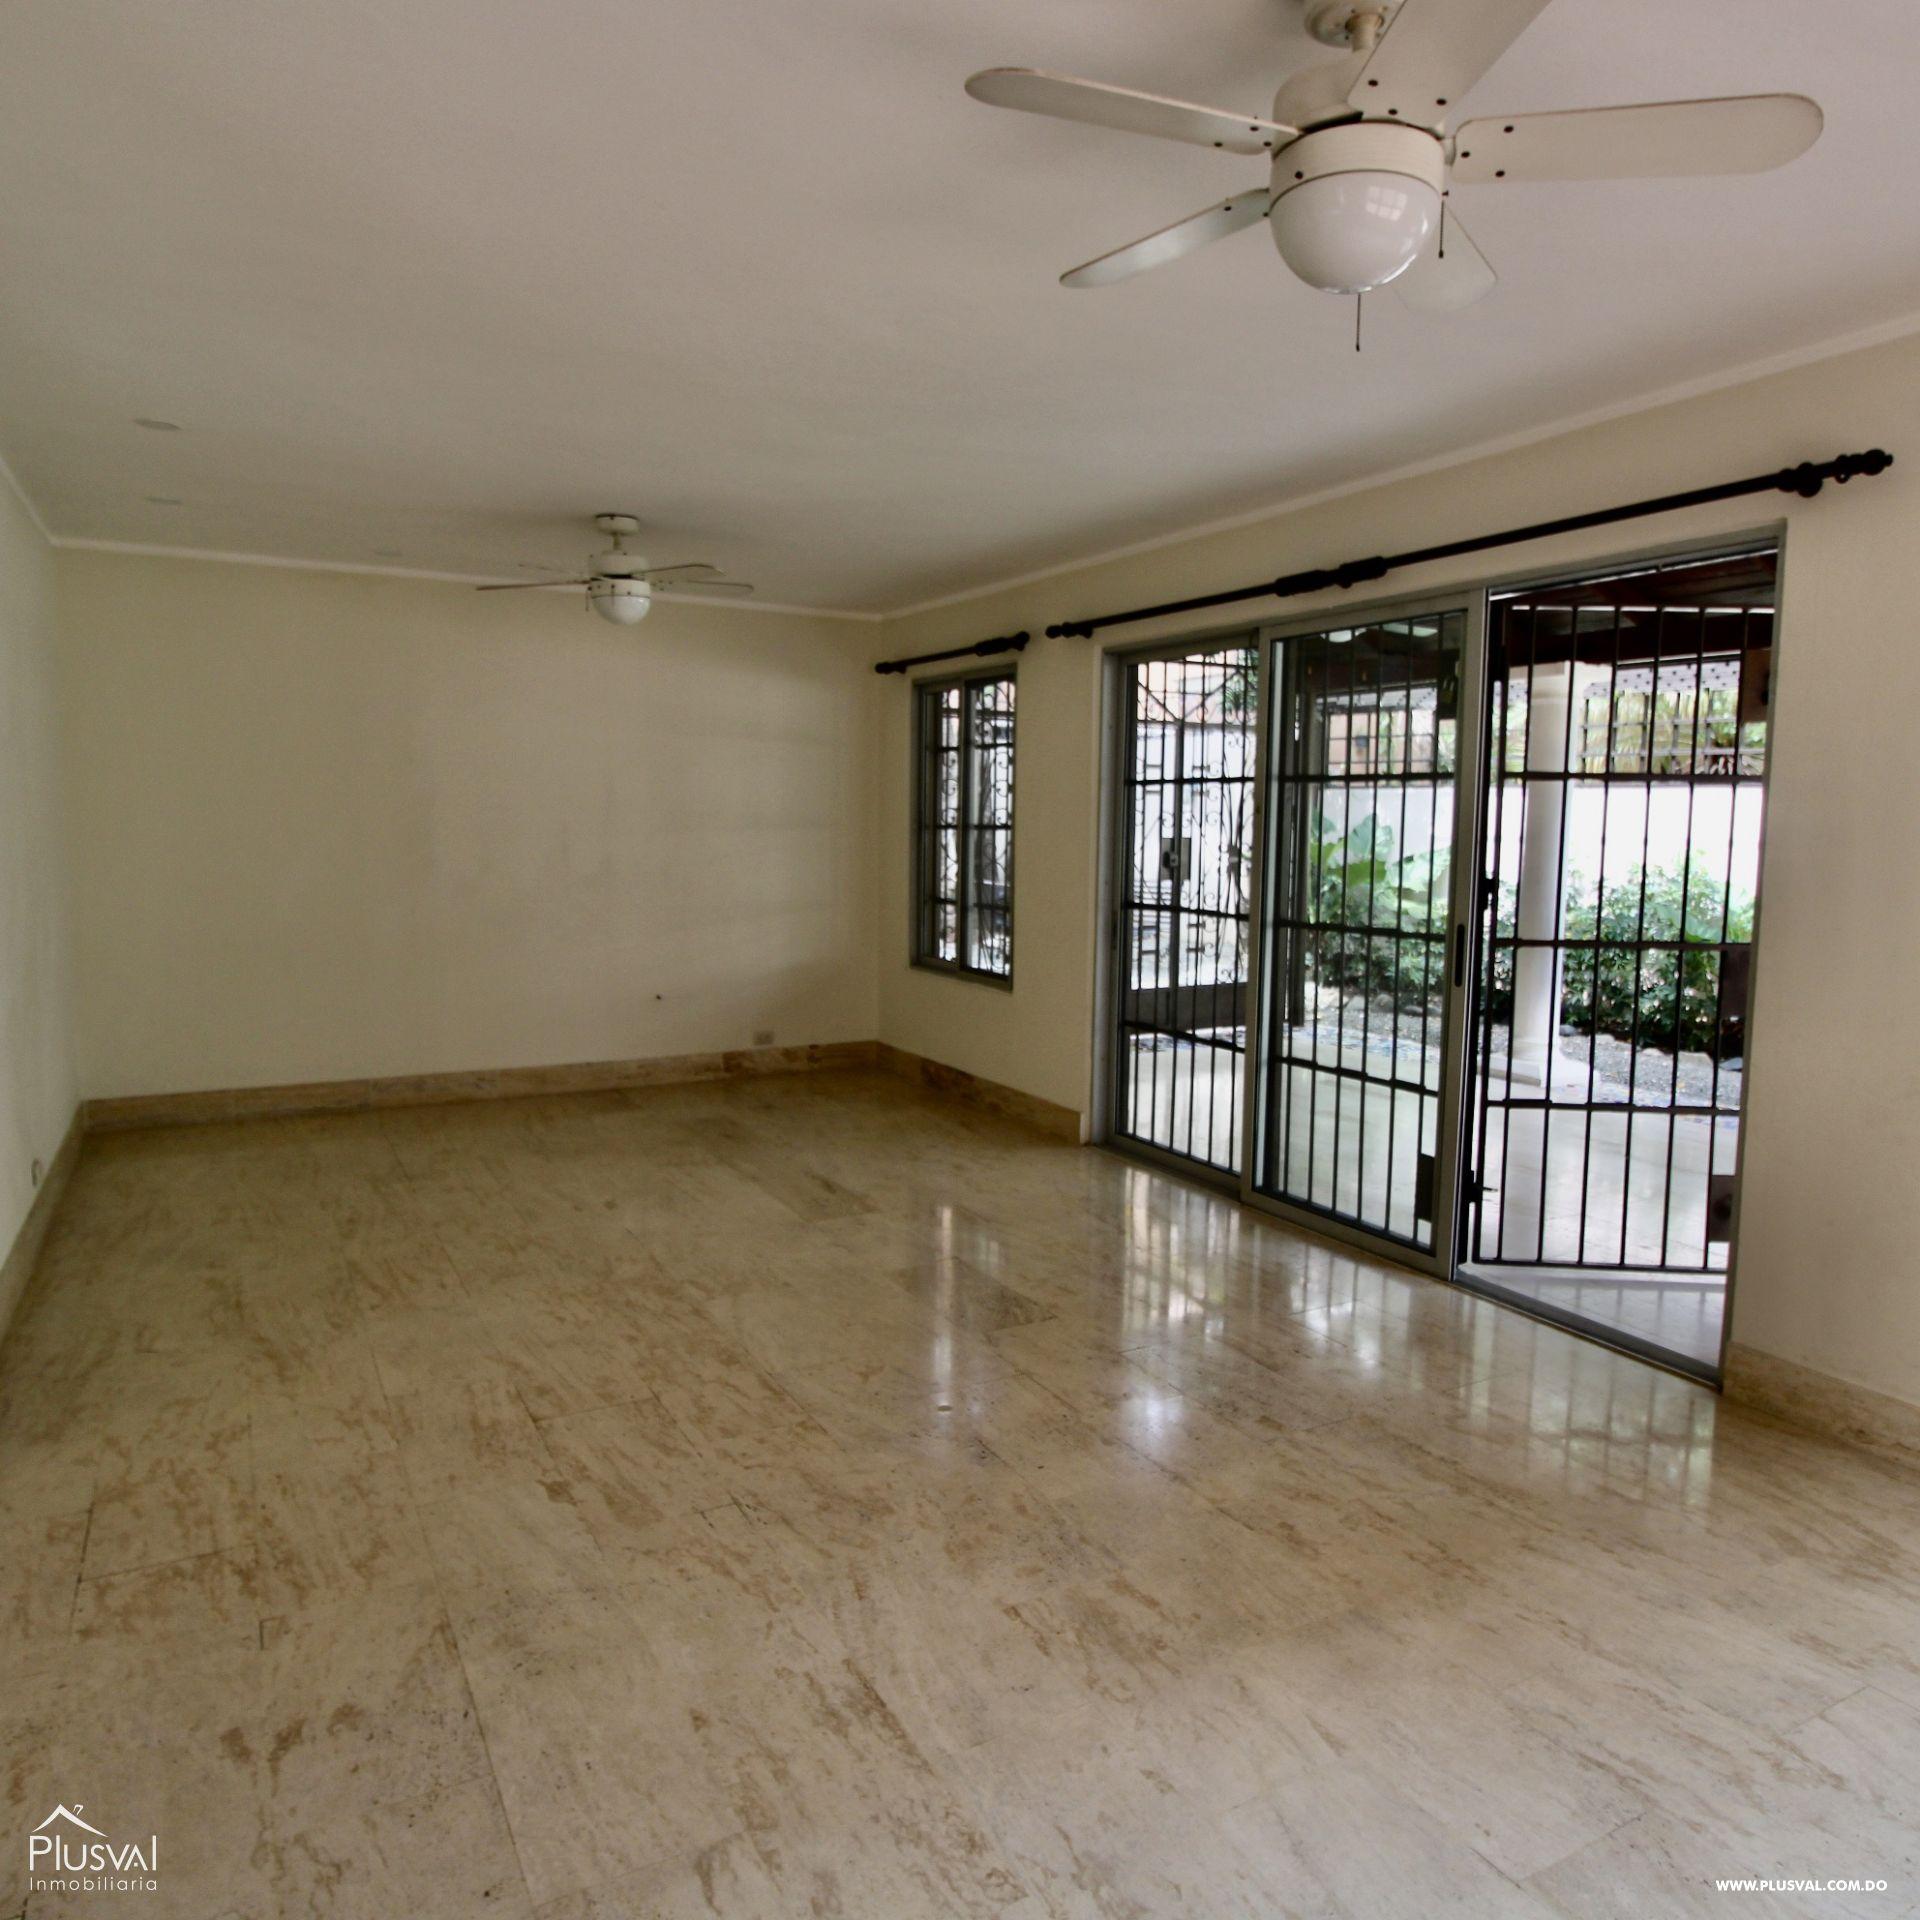 Casa en alquiler, Julieta 148046